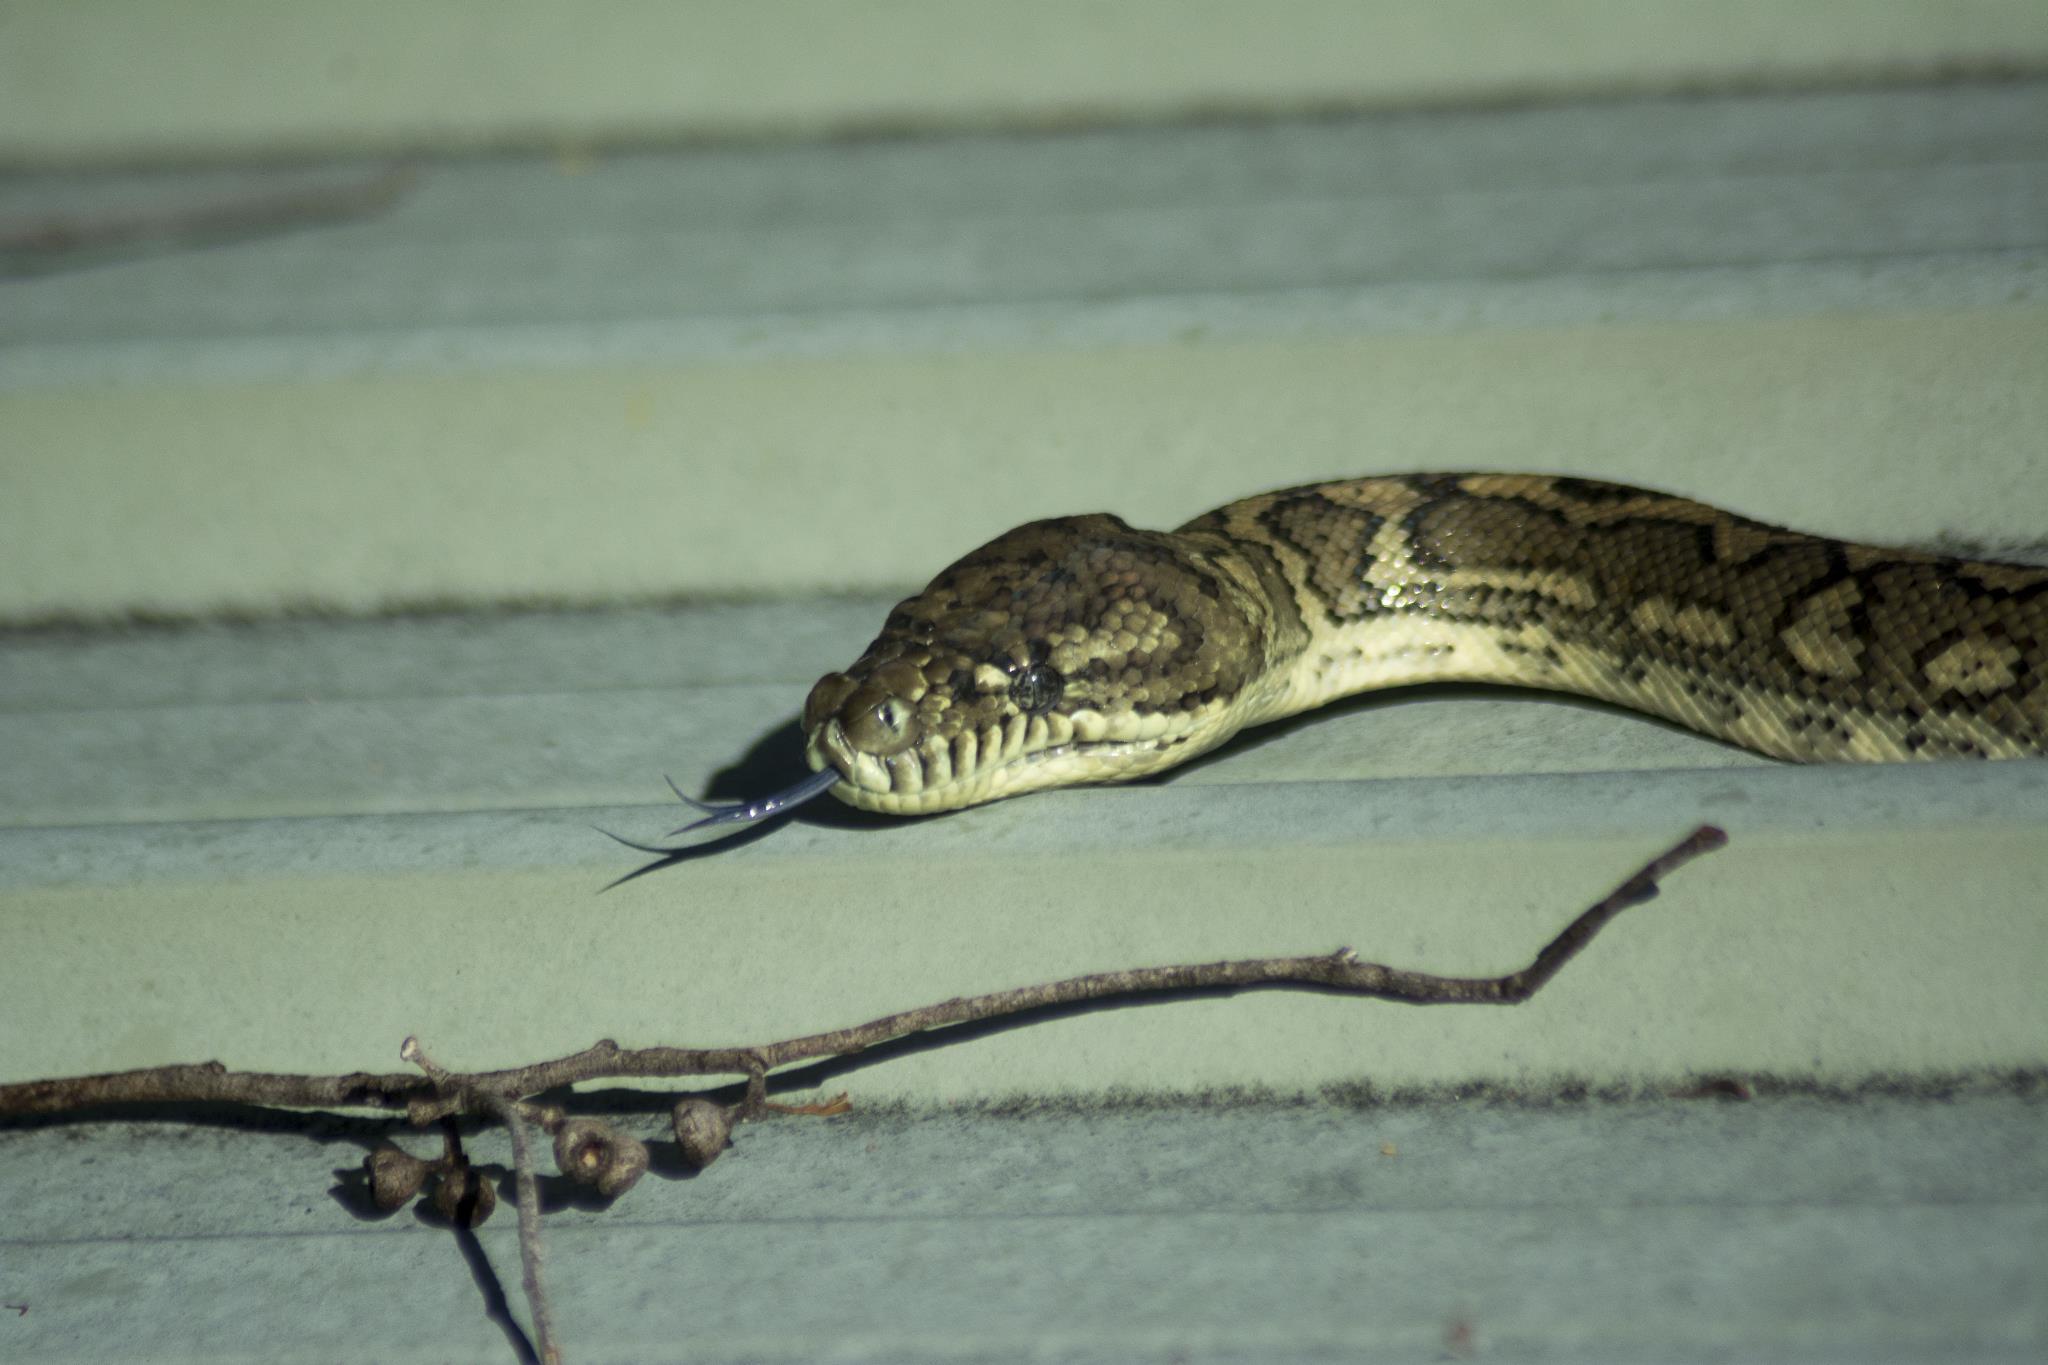 Coastal Python on the Roof